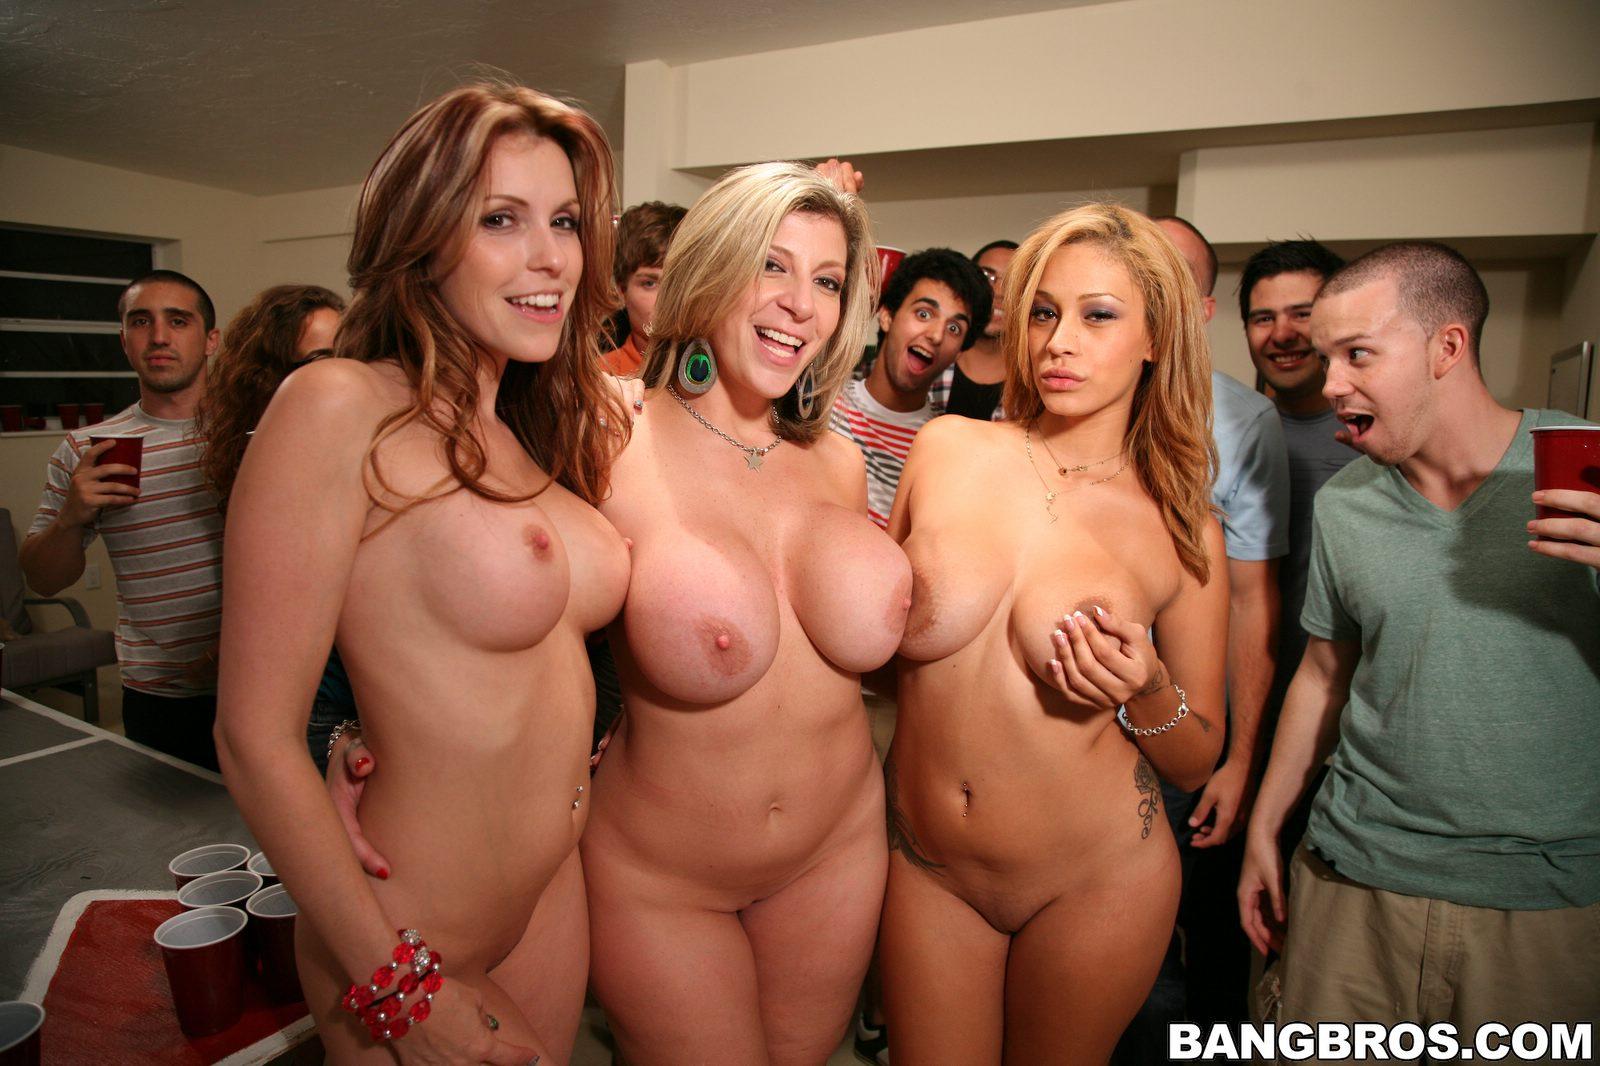 Телочки на вечеринке порно 2 фотография